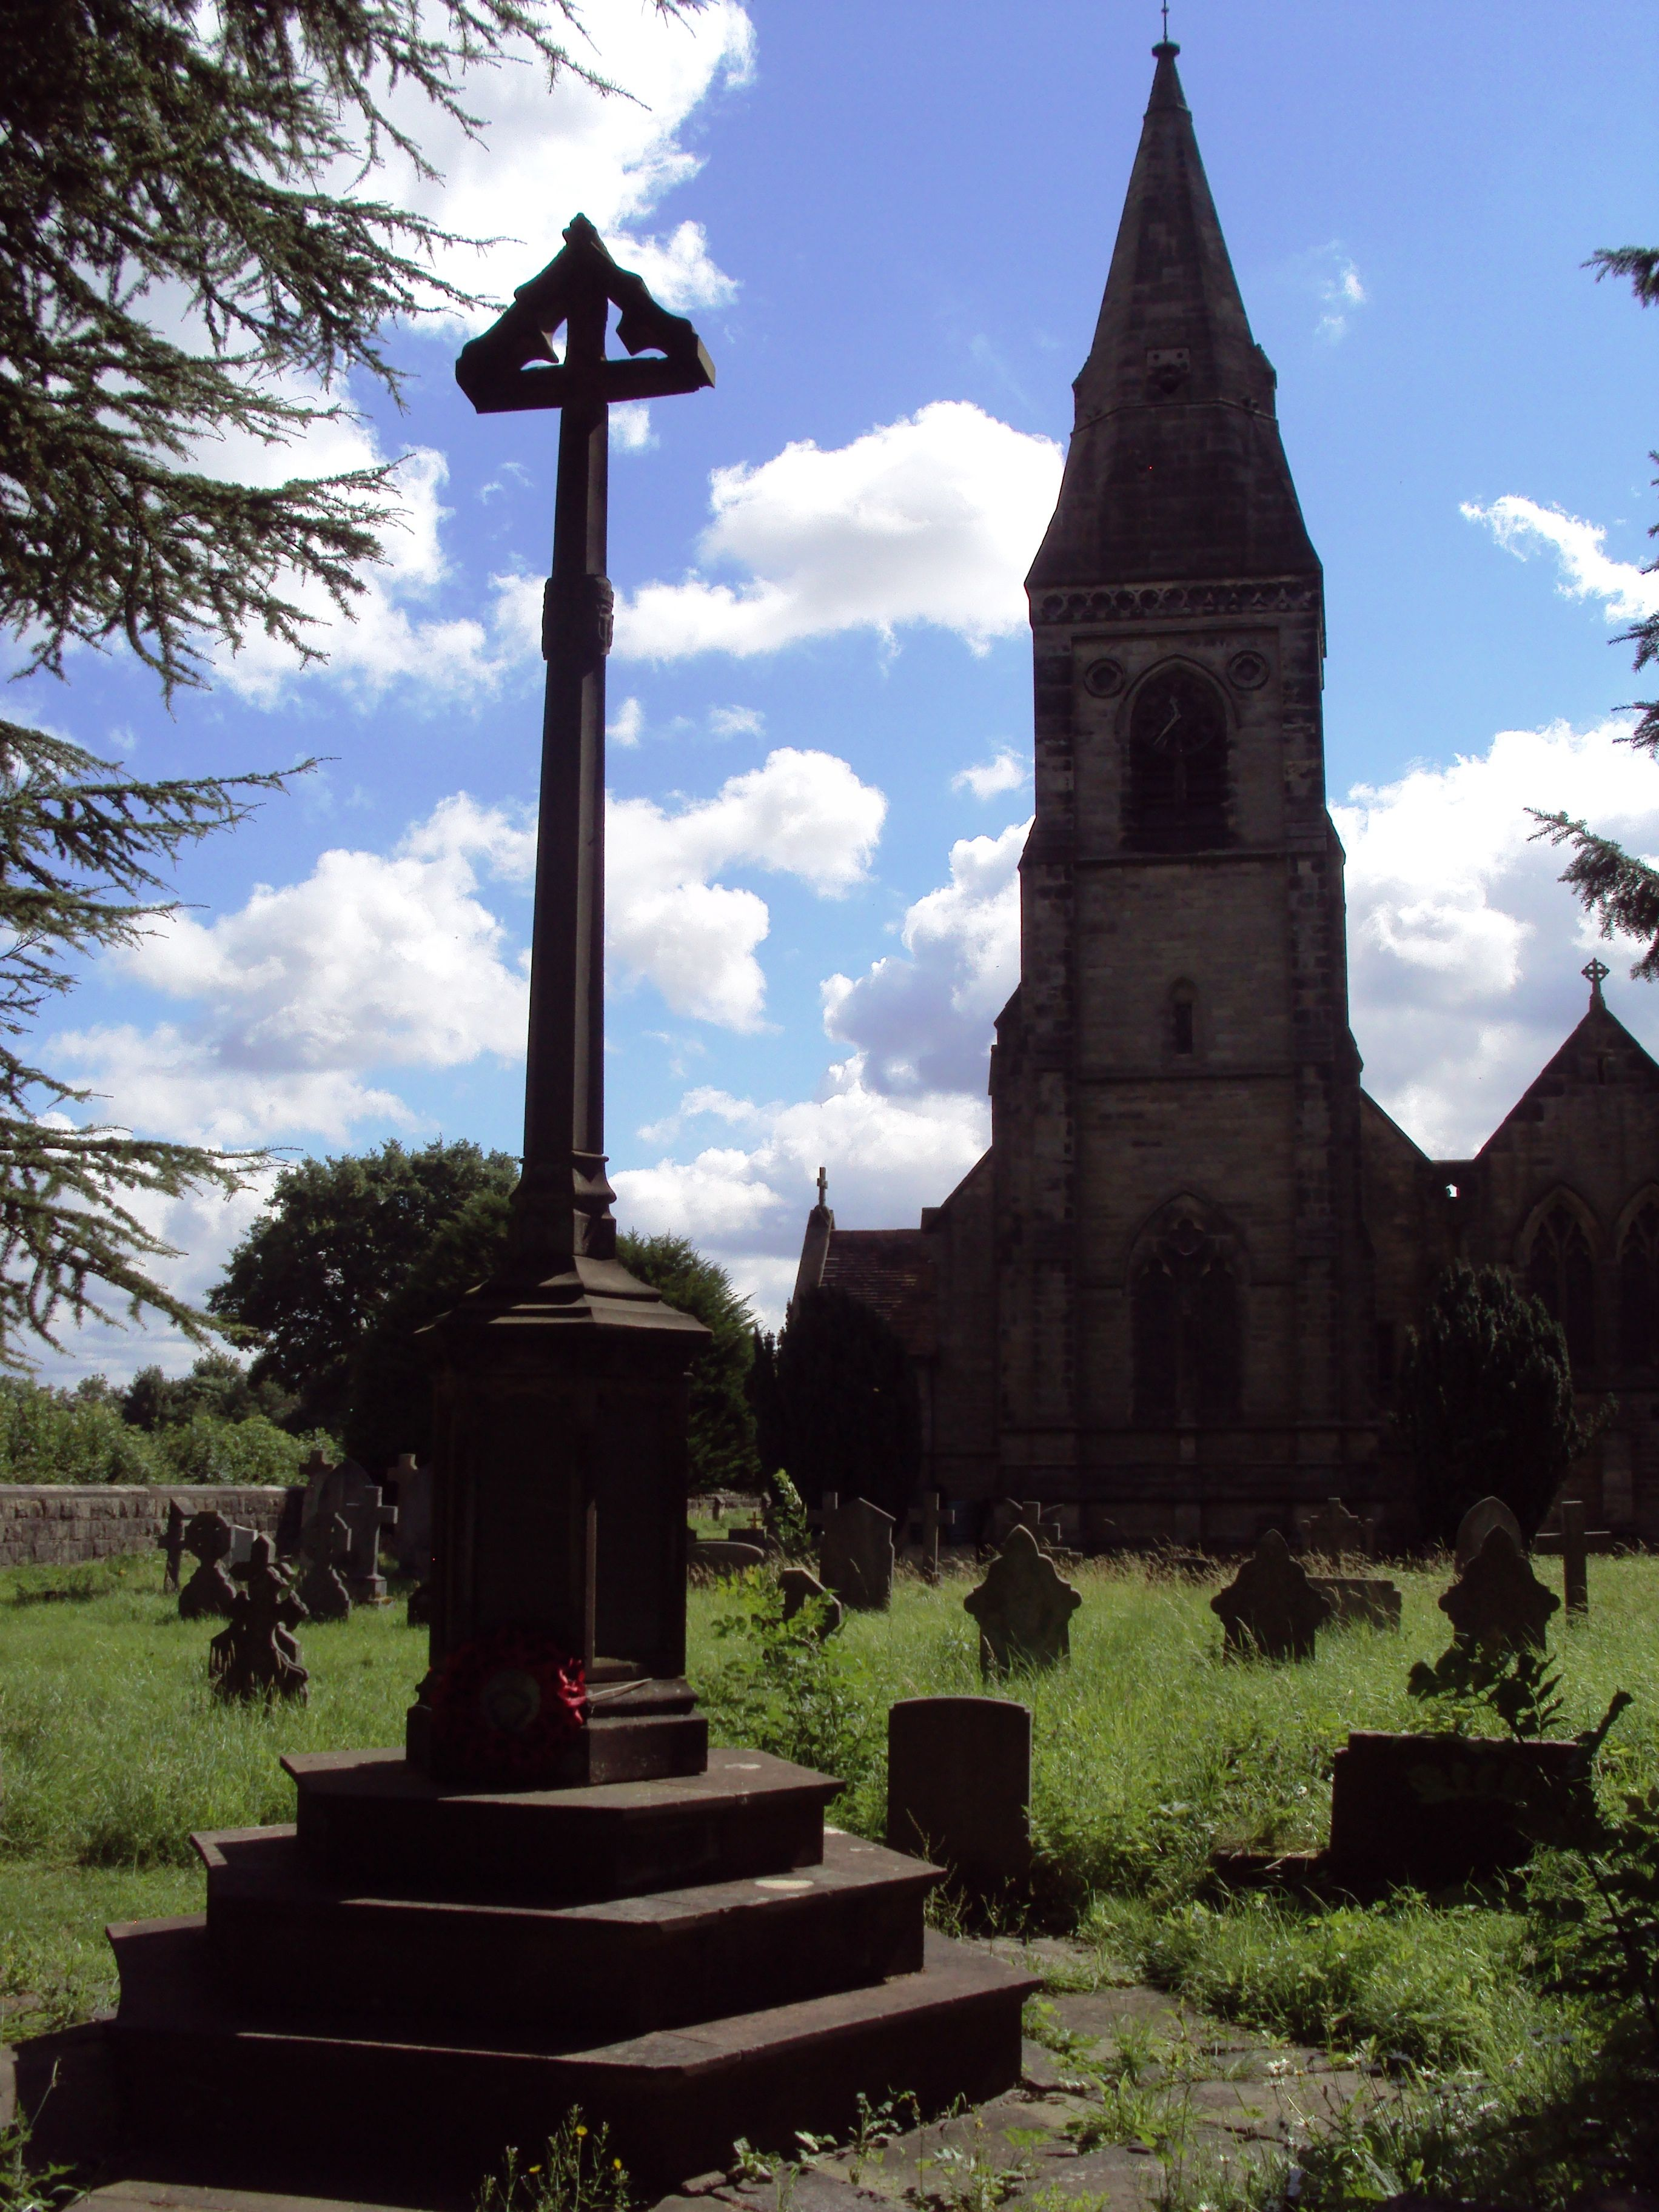 Rangemore, Staffordshire War memorial, Lamp post